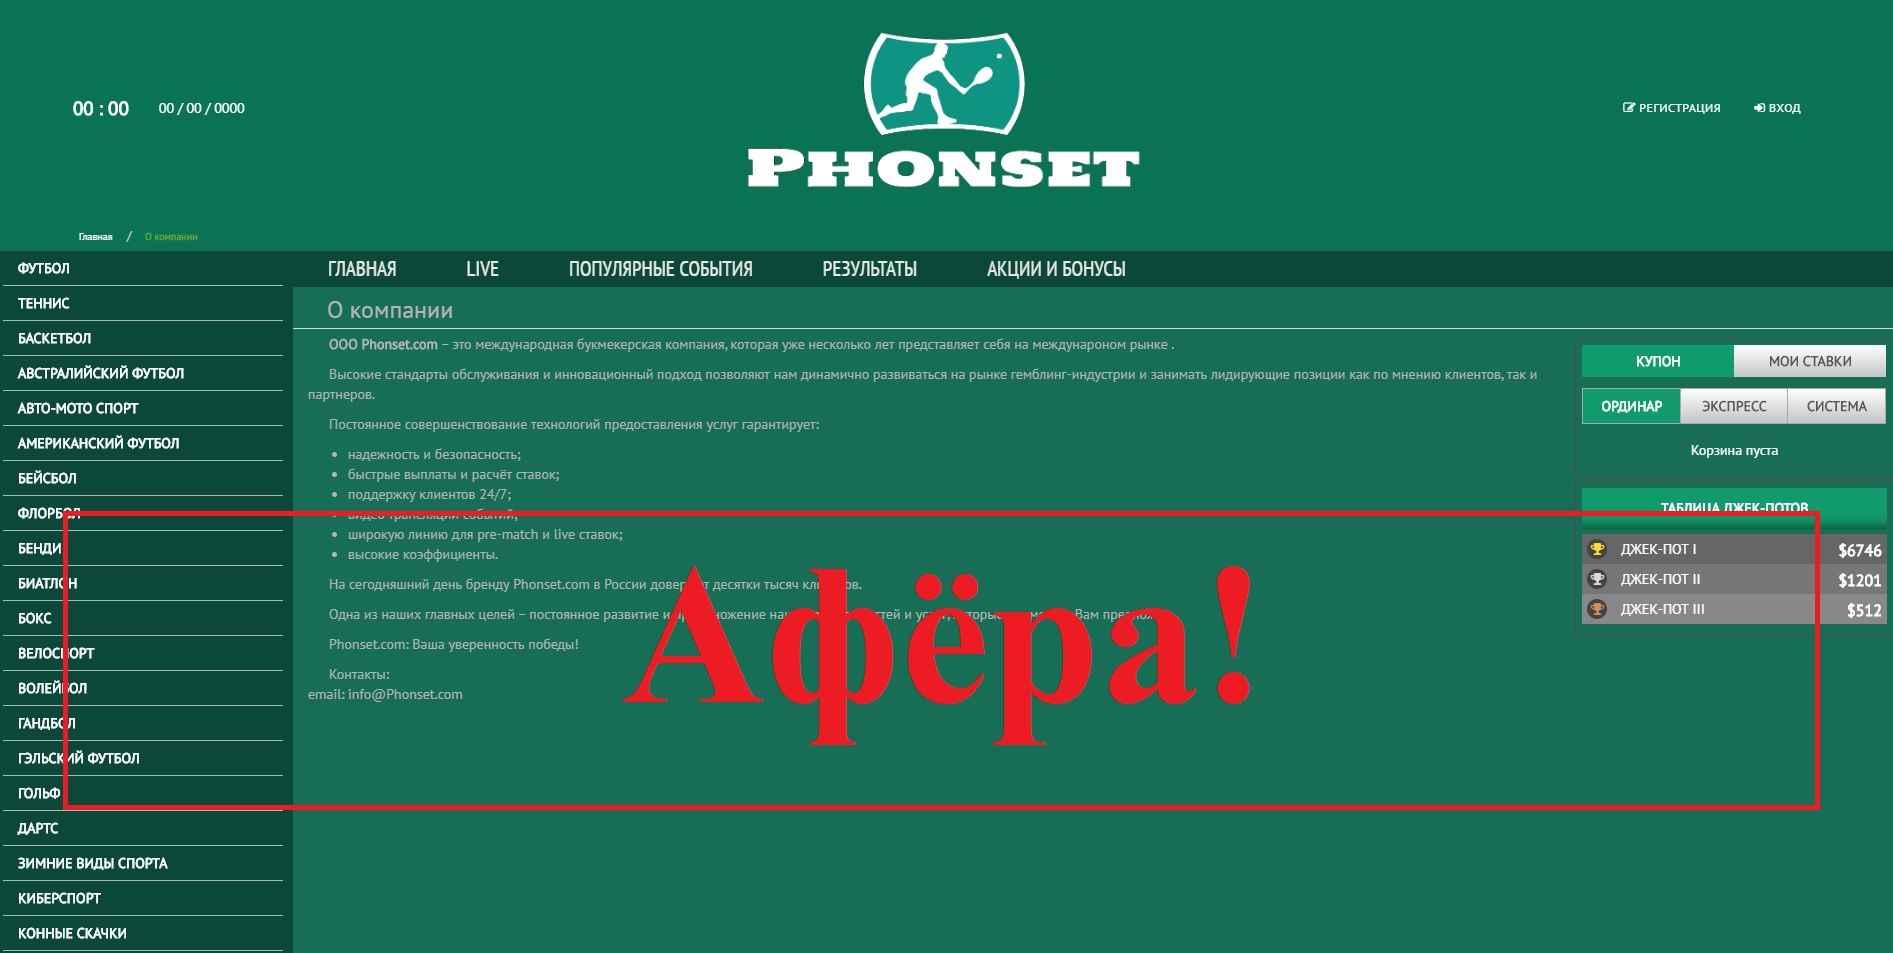 Phonset – букмекерская контора. Отзывы о phonset.com